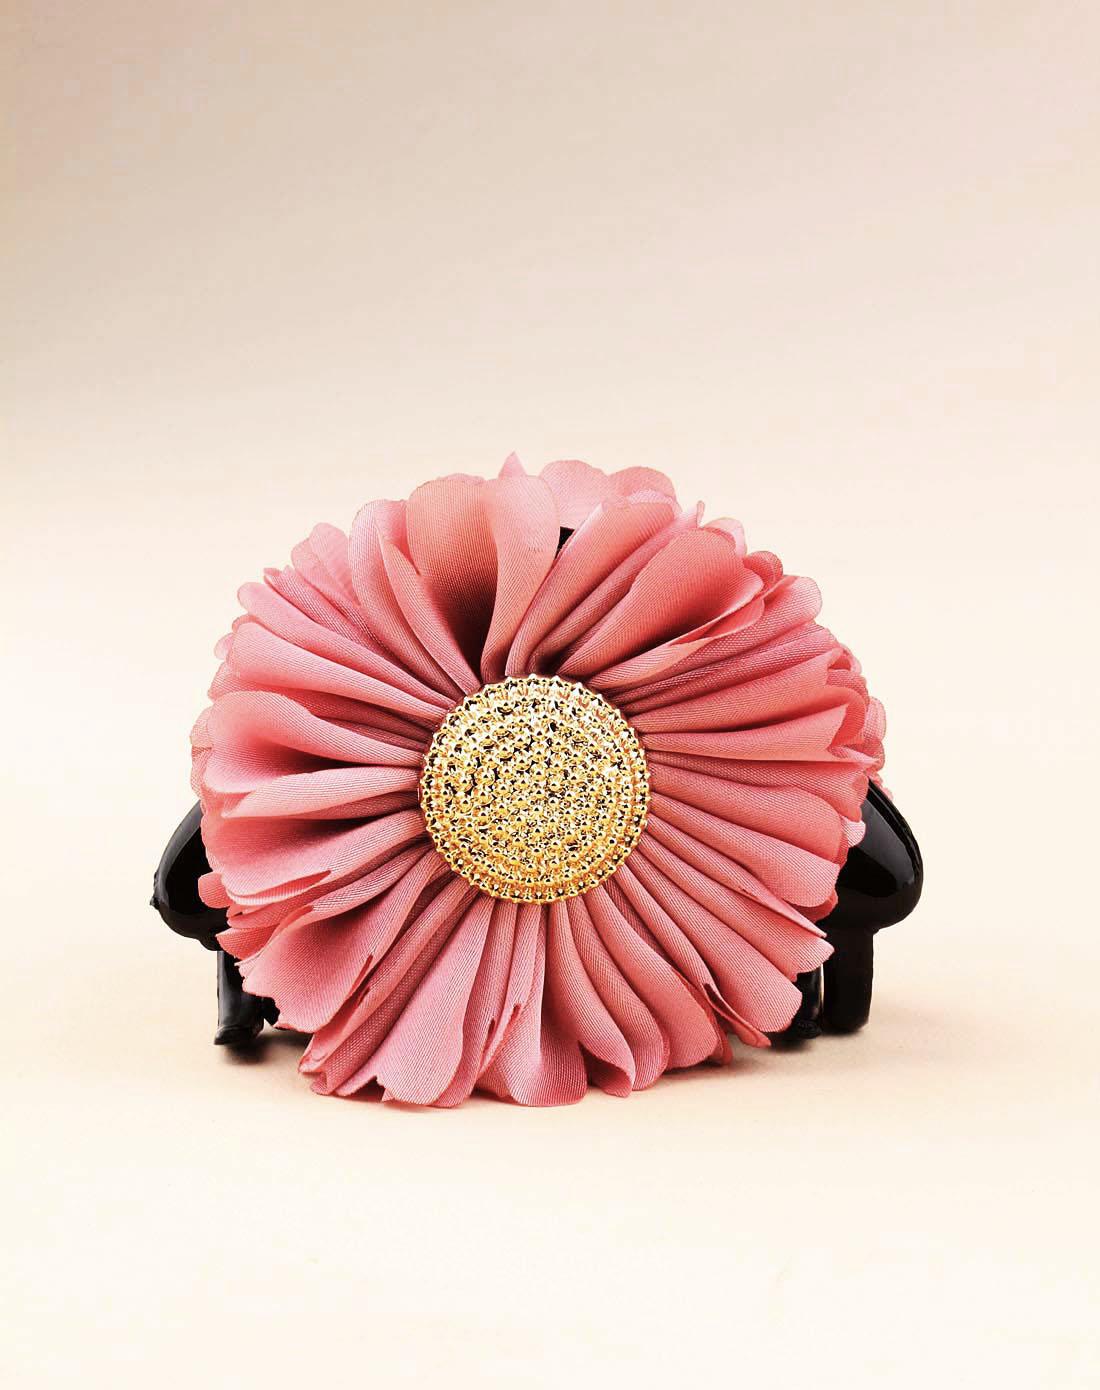 粉色向日葵爪夹